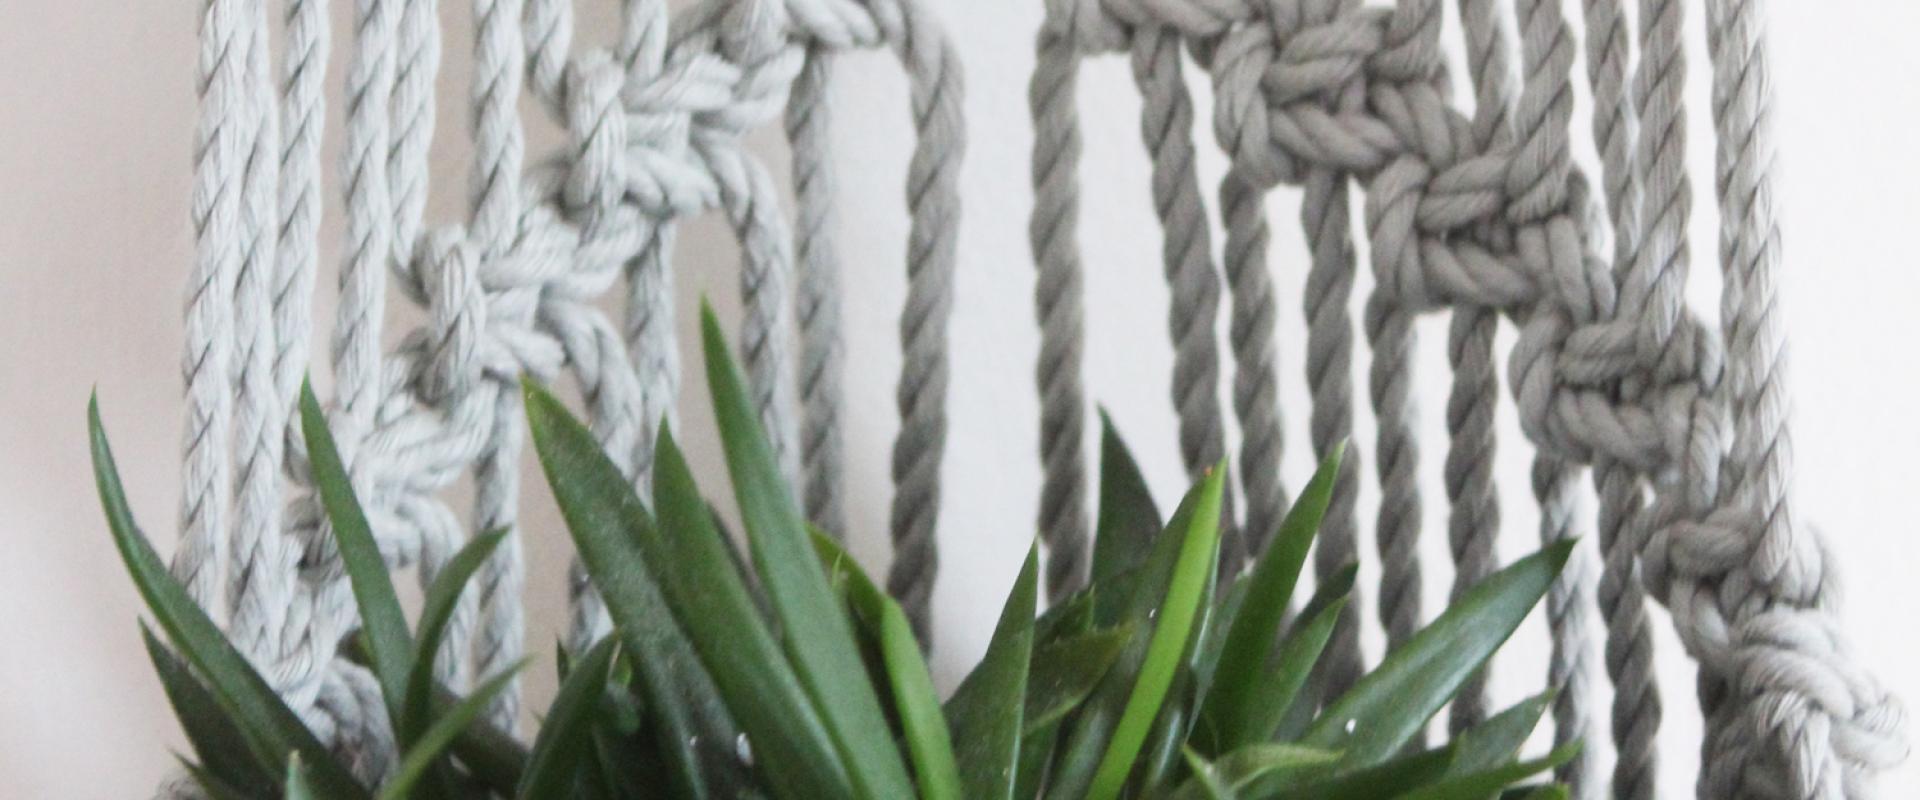 Macramé Wand Plantenhanger Maken: Toffe Variatie Plantenhanger